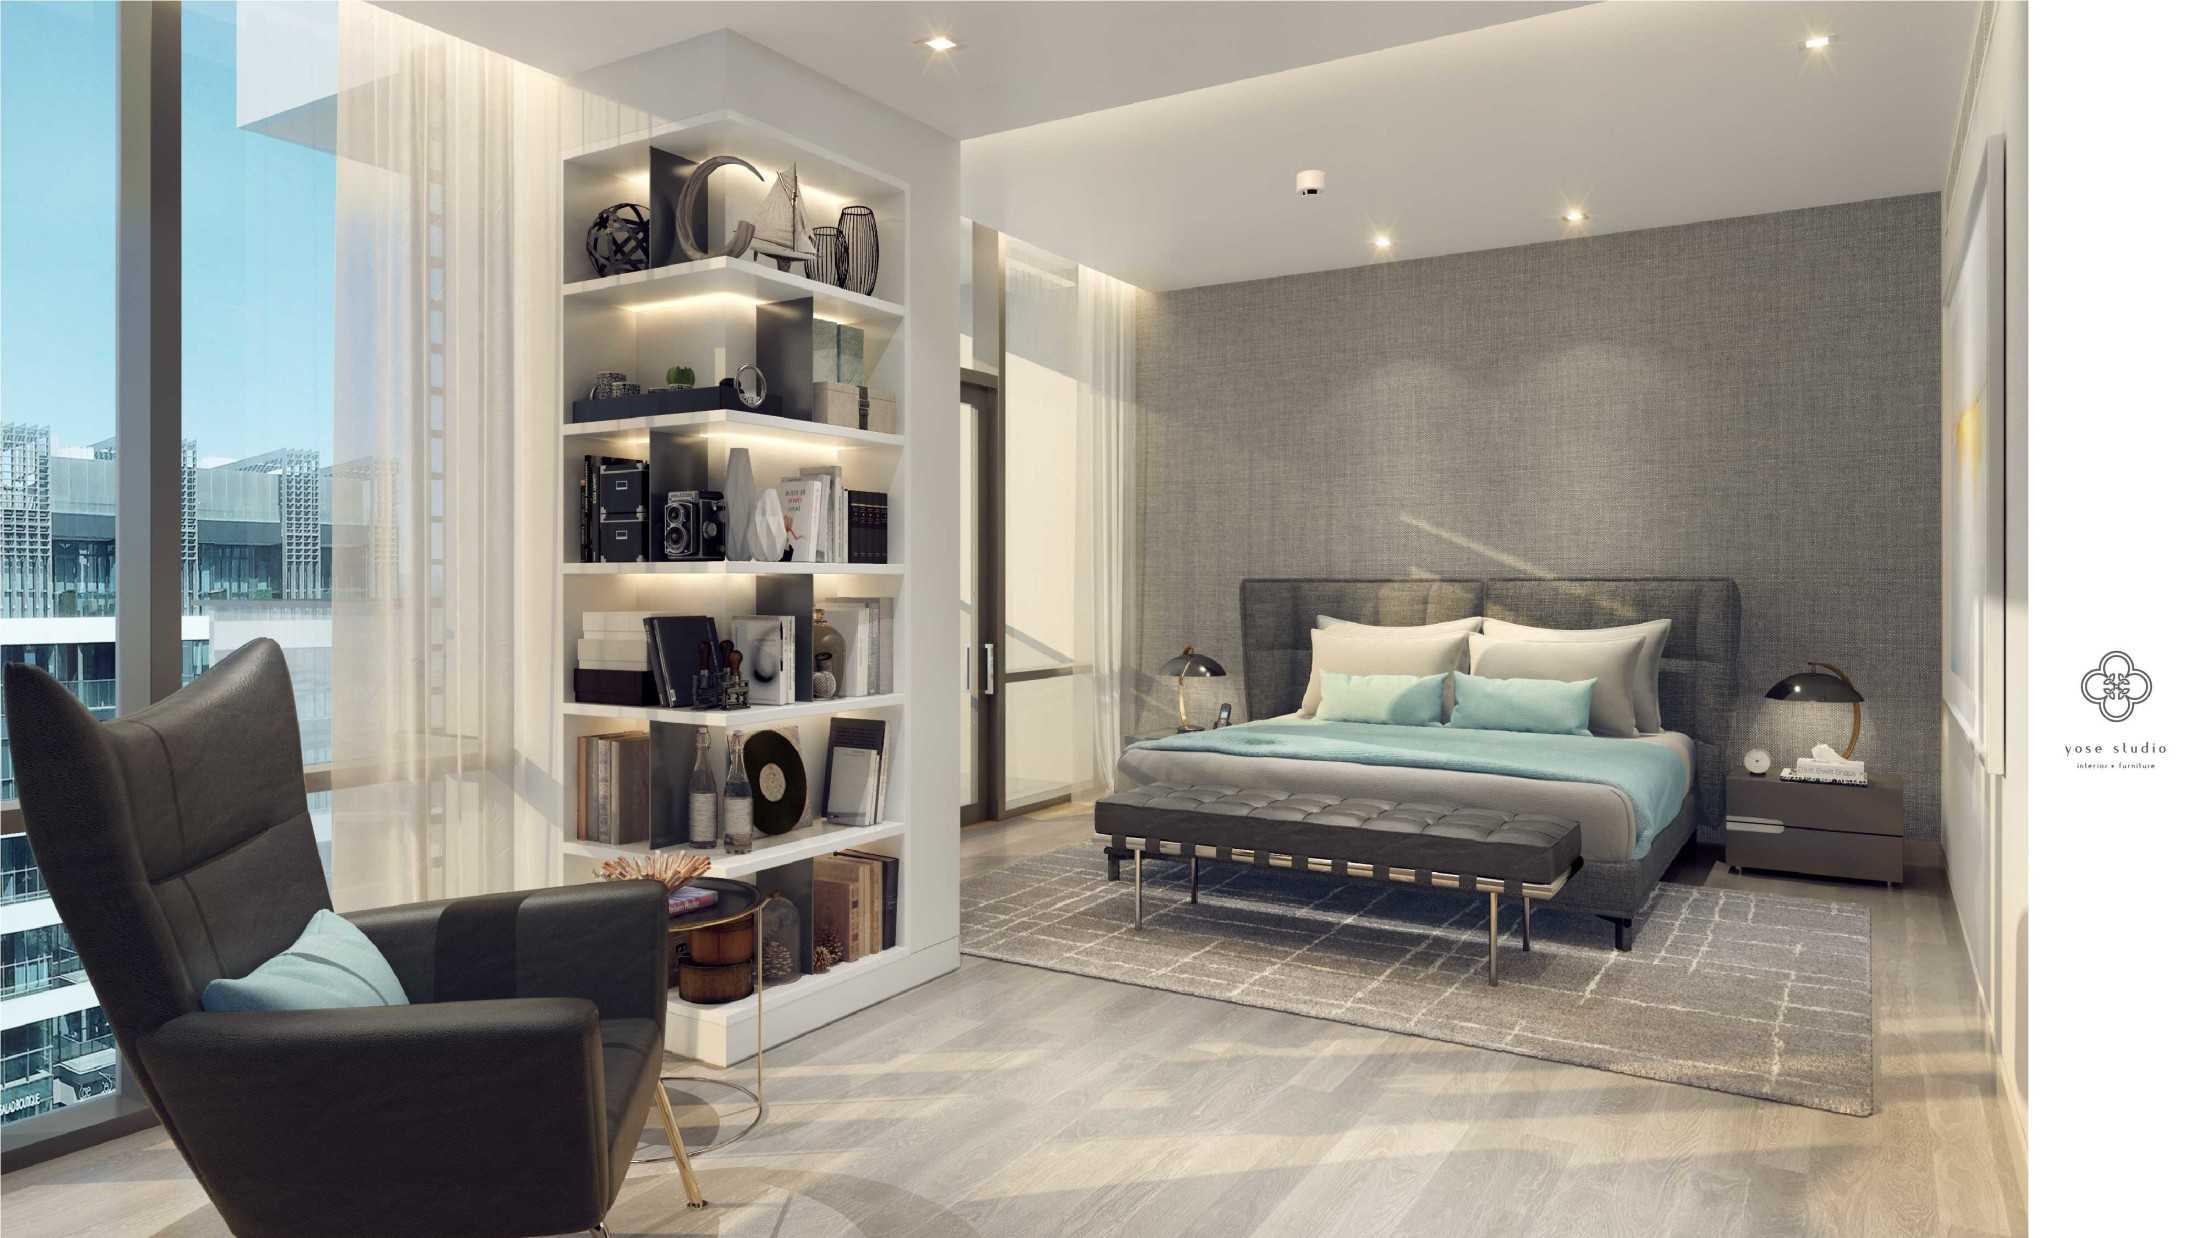 Yose Studio Citywalk Apartment, Dubai Dubai - Uni Emirat Arab Dubai - Uni Emirat Arab Yose-Studio-Citywalk-Apartment-Dubai  109589